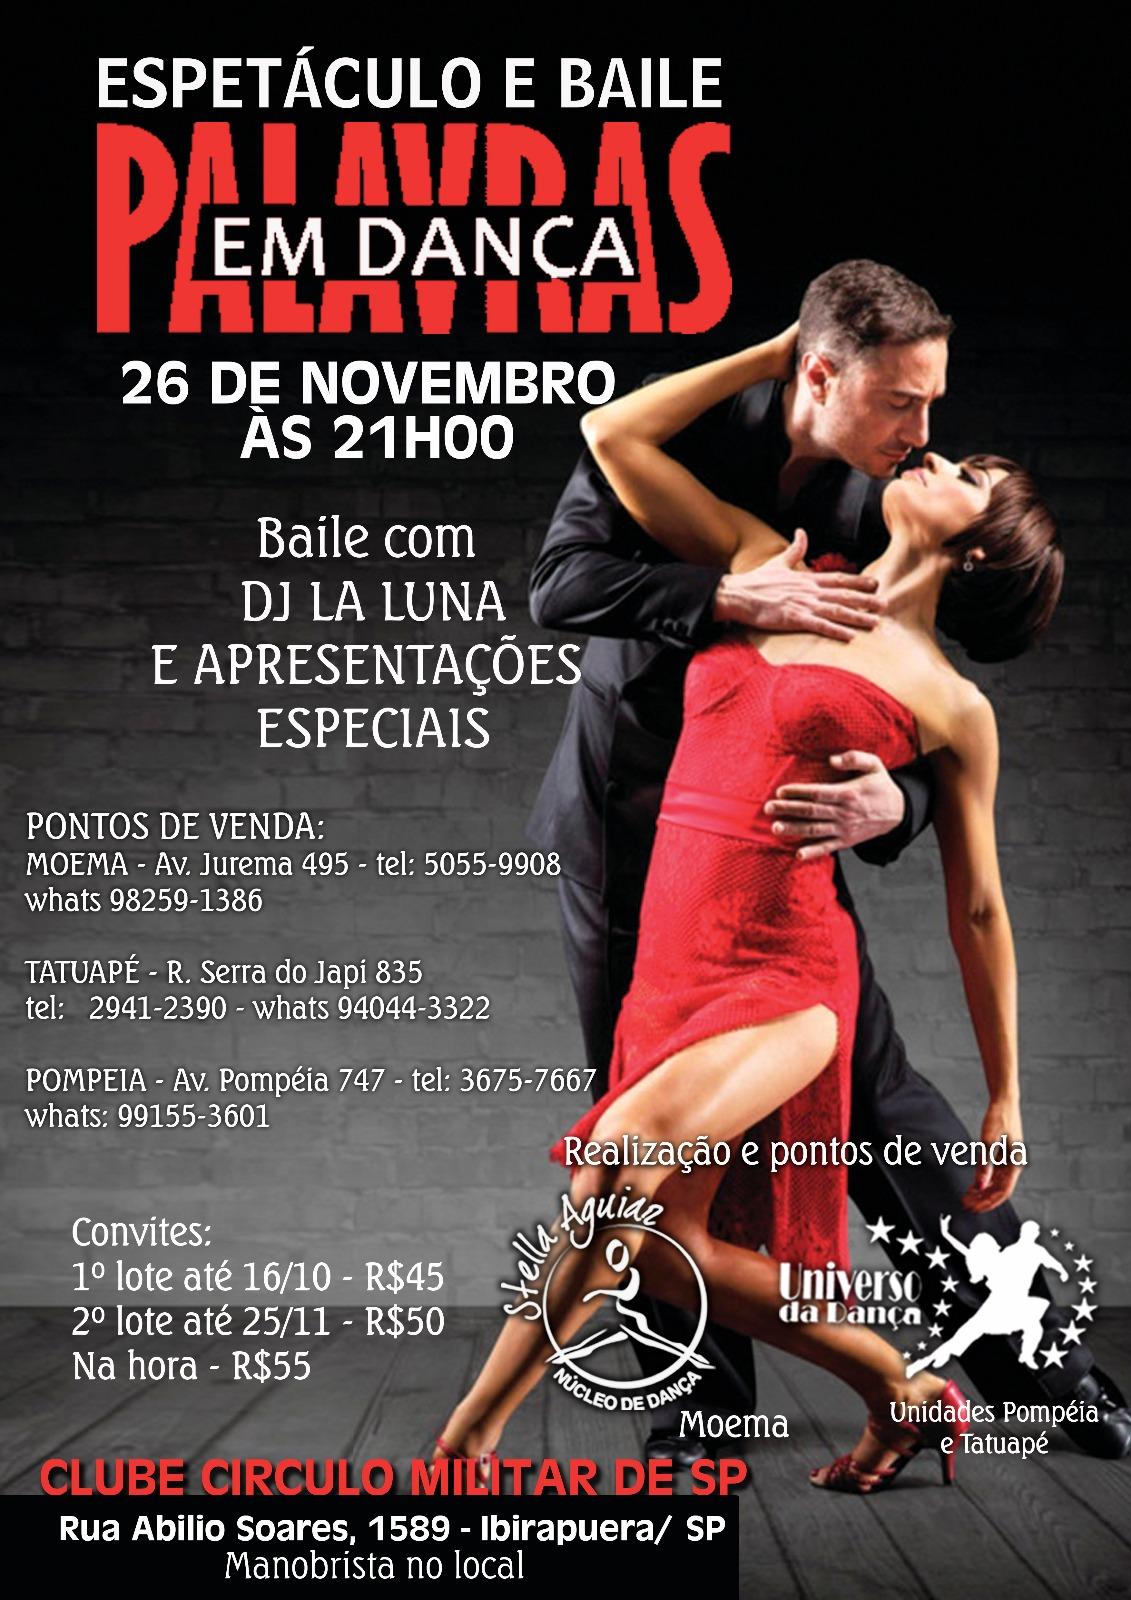 Baile e Espetáculo